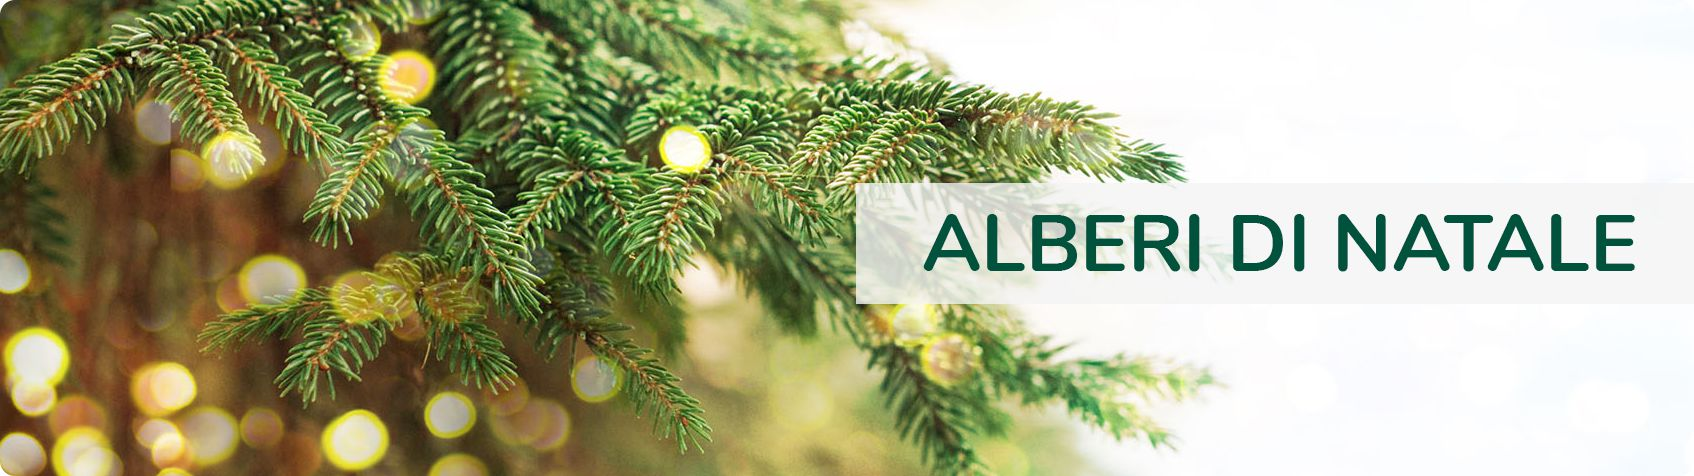 Albero Di Natale Kenia.Vendita Alberi Di Natale Consegna In 48h